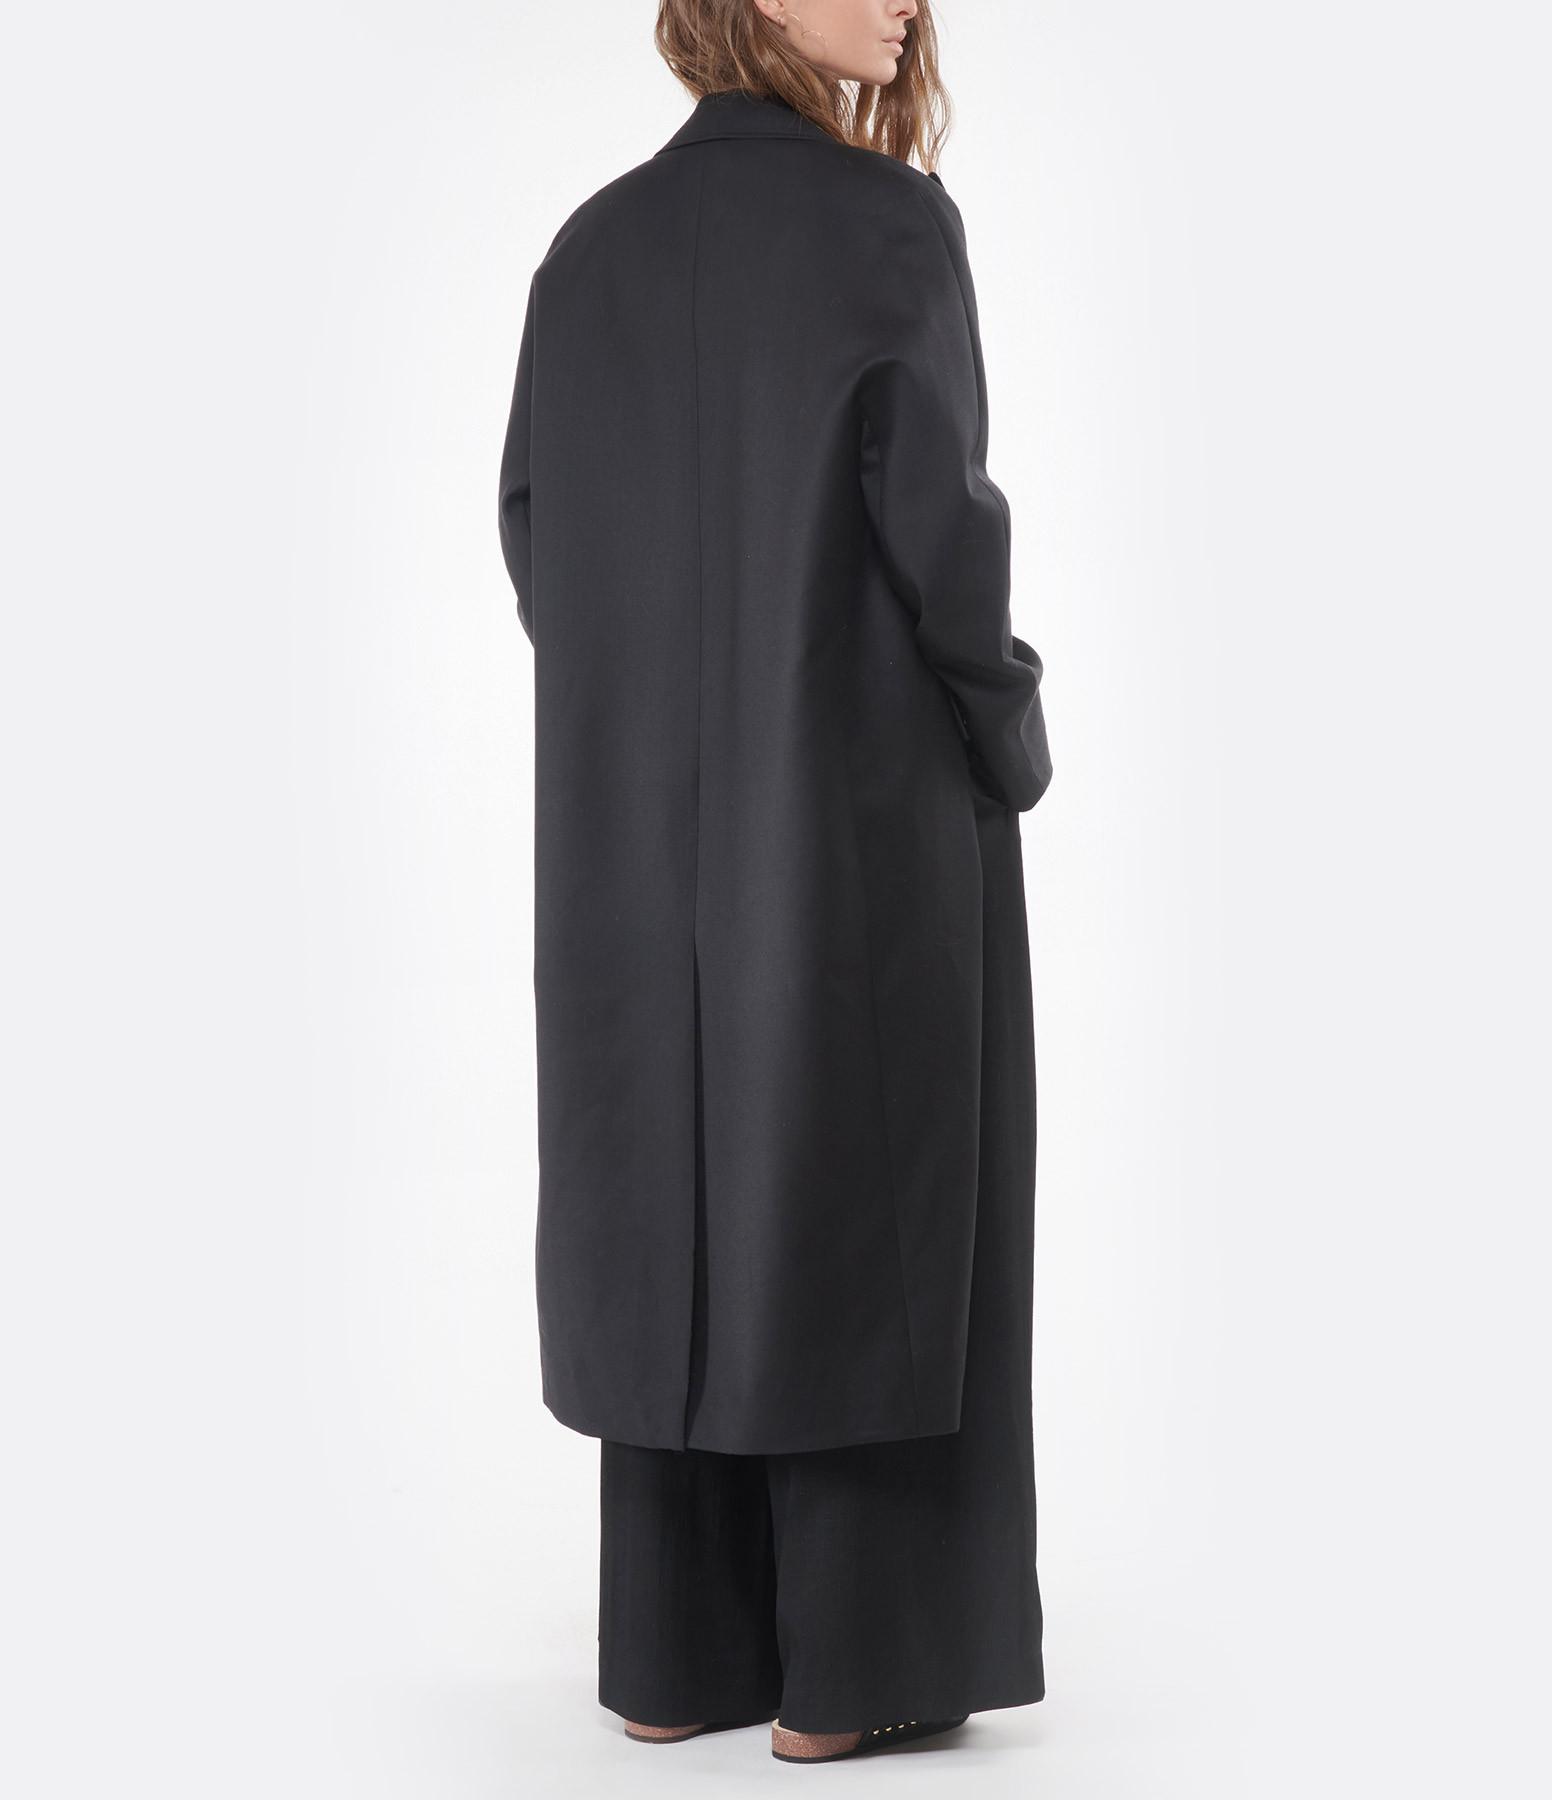 MARGAUX LONNBERG - Manteau Nash Noir